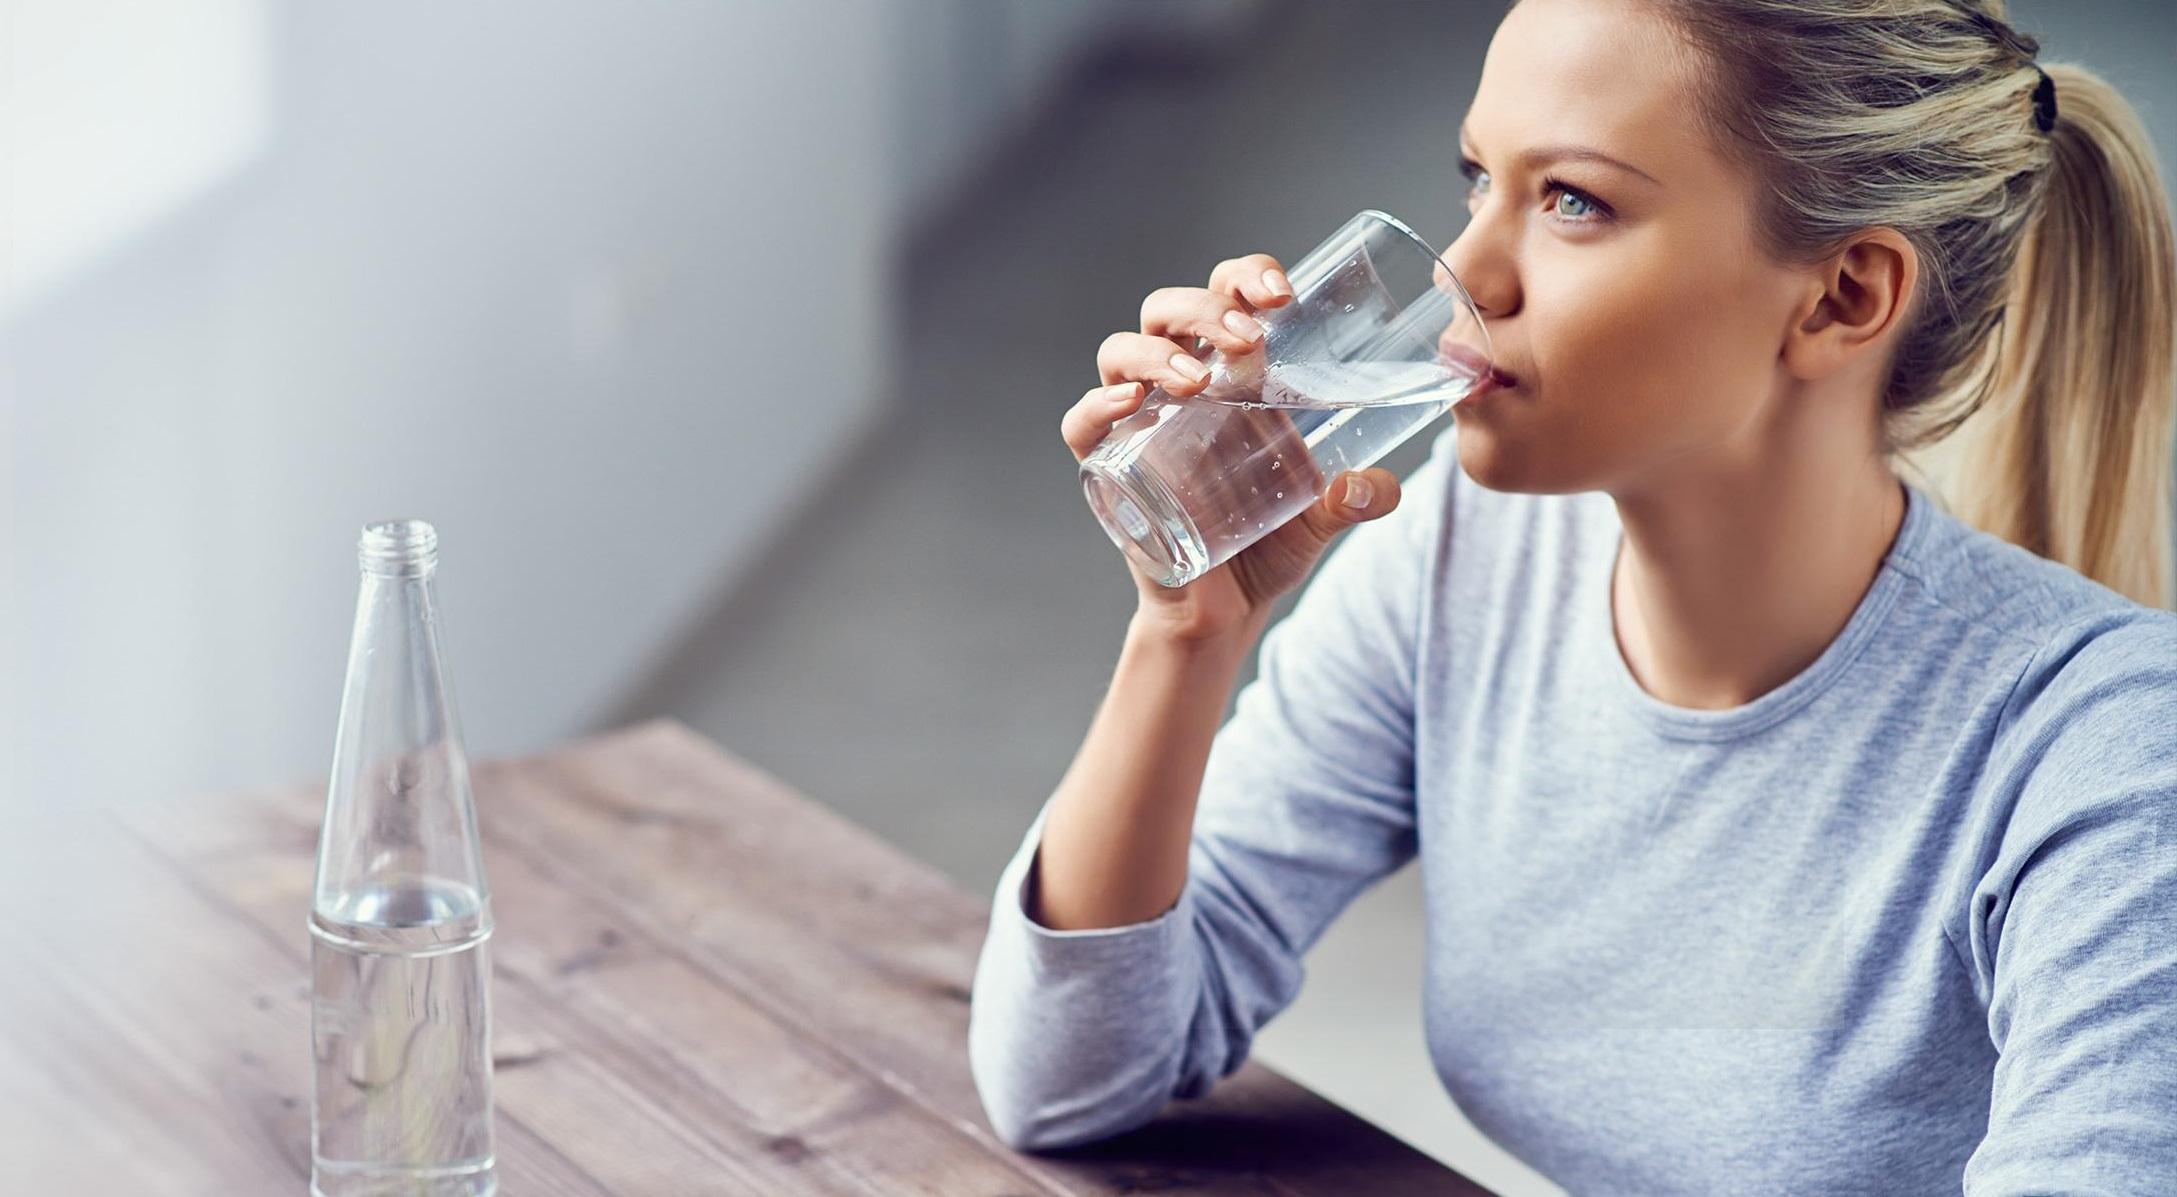 Việc uống nước sẽ giúp cơ thể cung cấp đủ lượng cần thiết và lâu no hơn